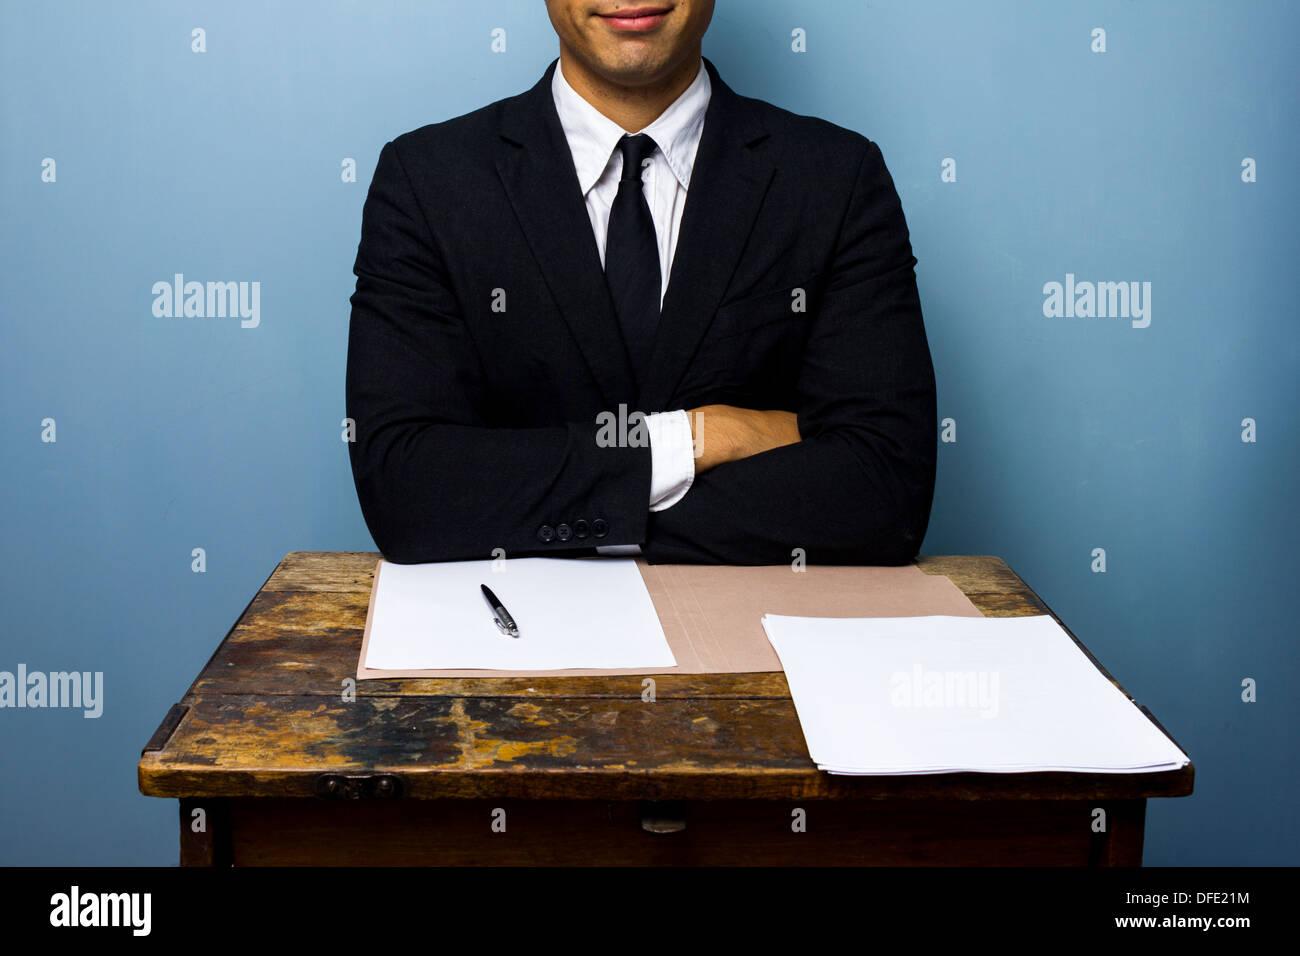 Sonriente joven empresario acaba de firmar contrato importante Imagen De Stock